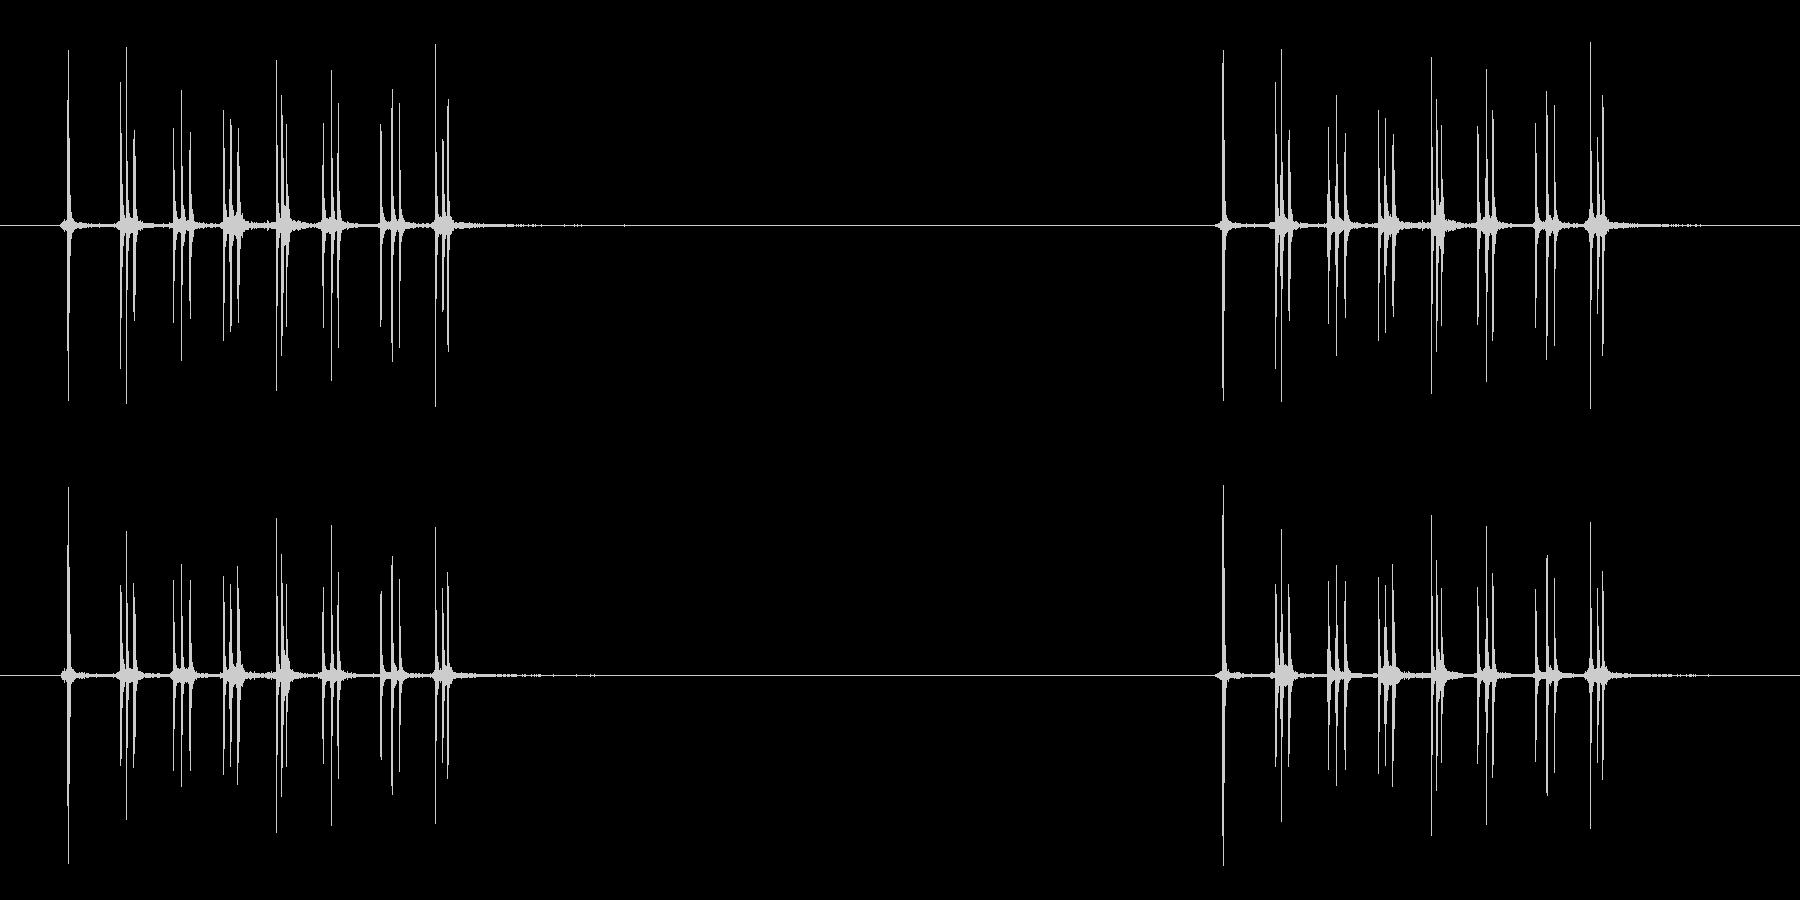 オルゴールのネジをまく音の未再生の波形